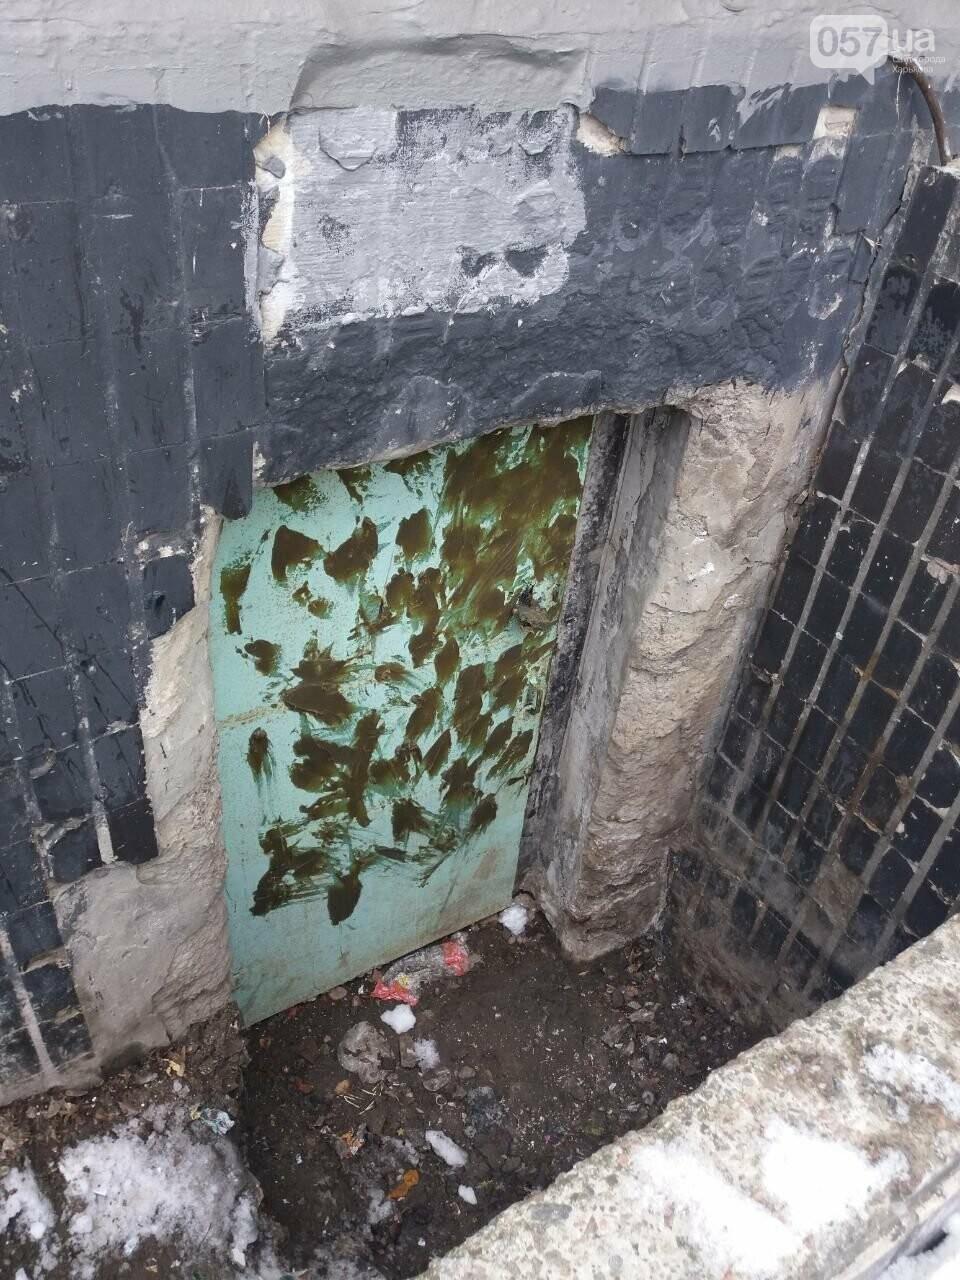 Заварили замок и замазали дверь: конфликт из-за подвала дома на Салтовке продолжается, - ФОТО, фото-5